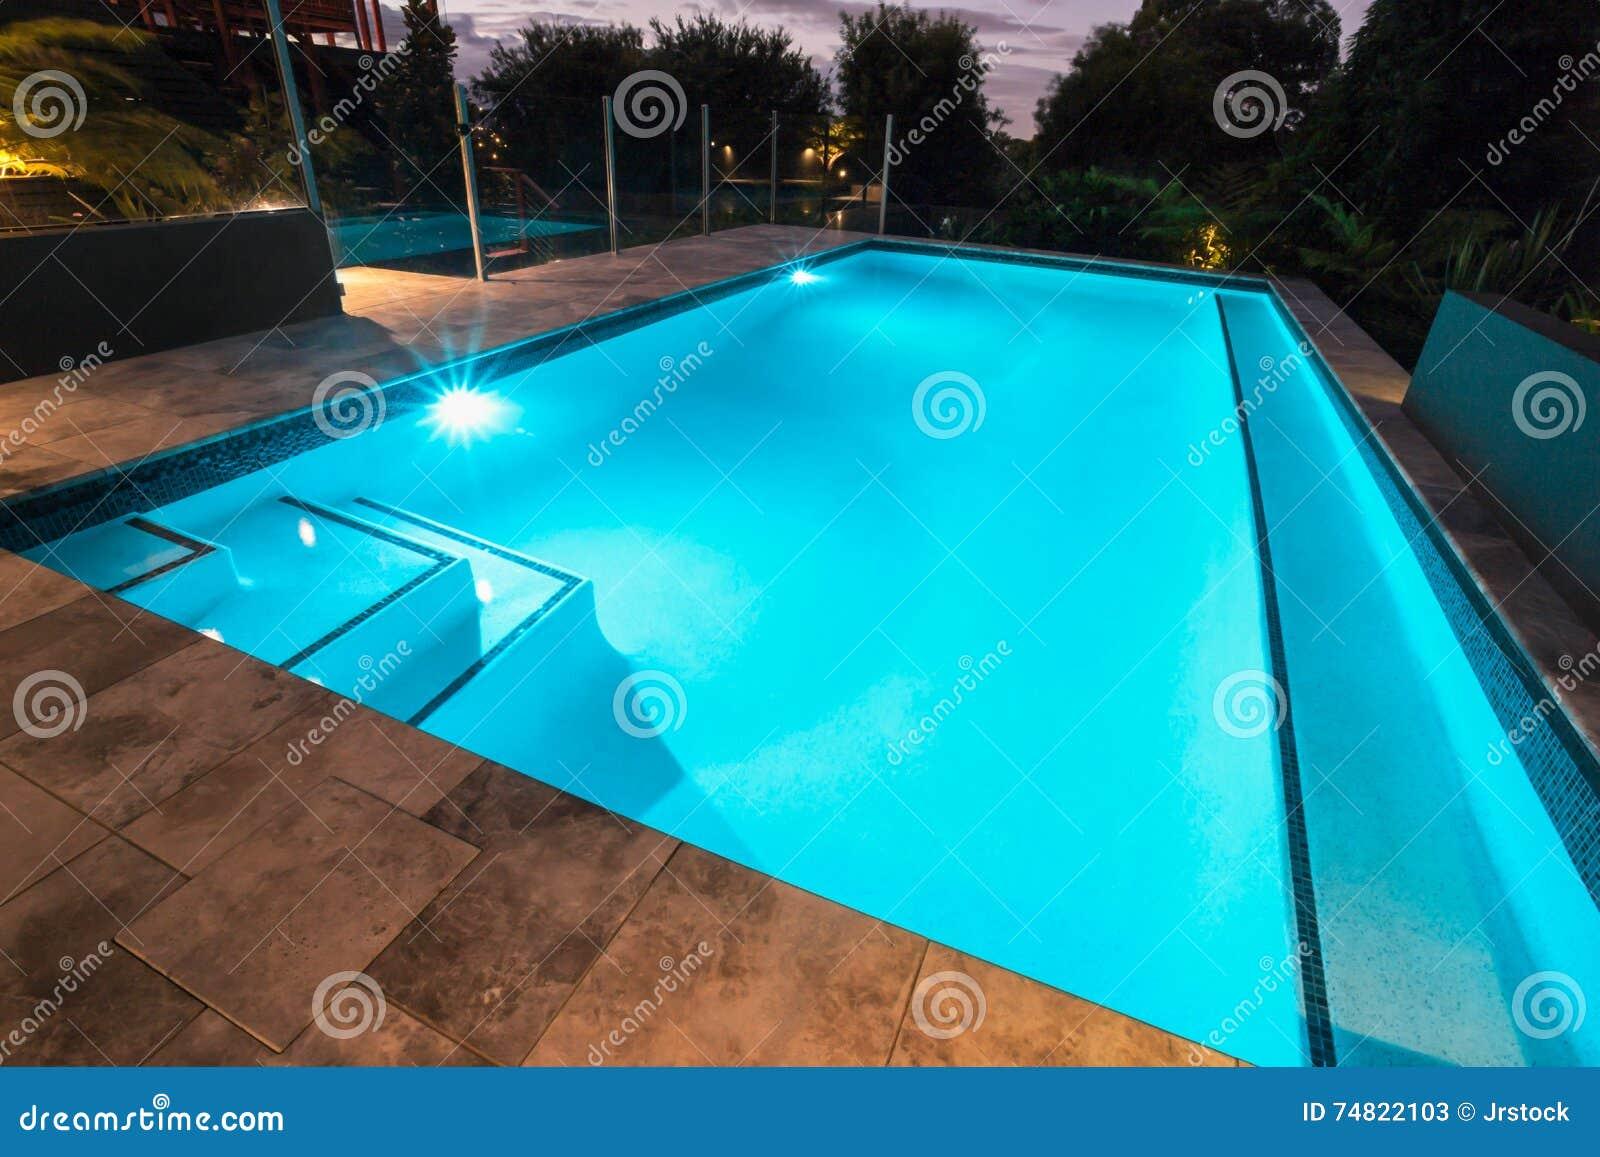 Piscina dellacqua blu con lampeggiante con le piastrelle per